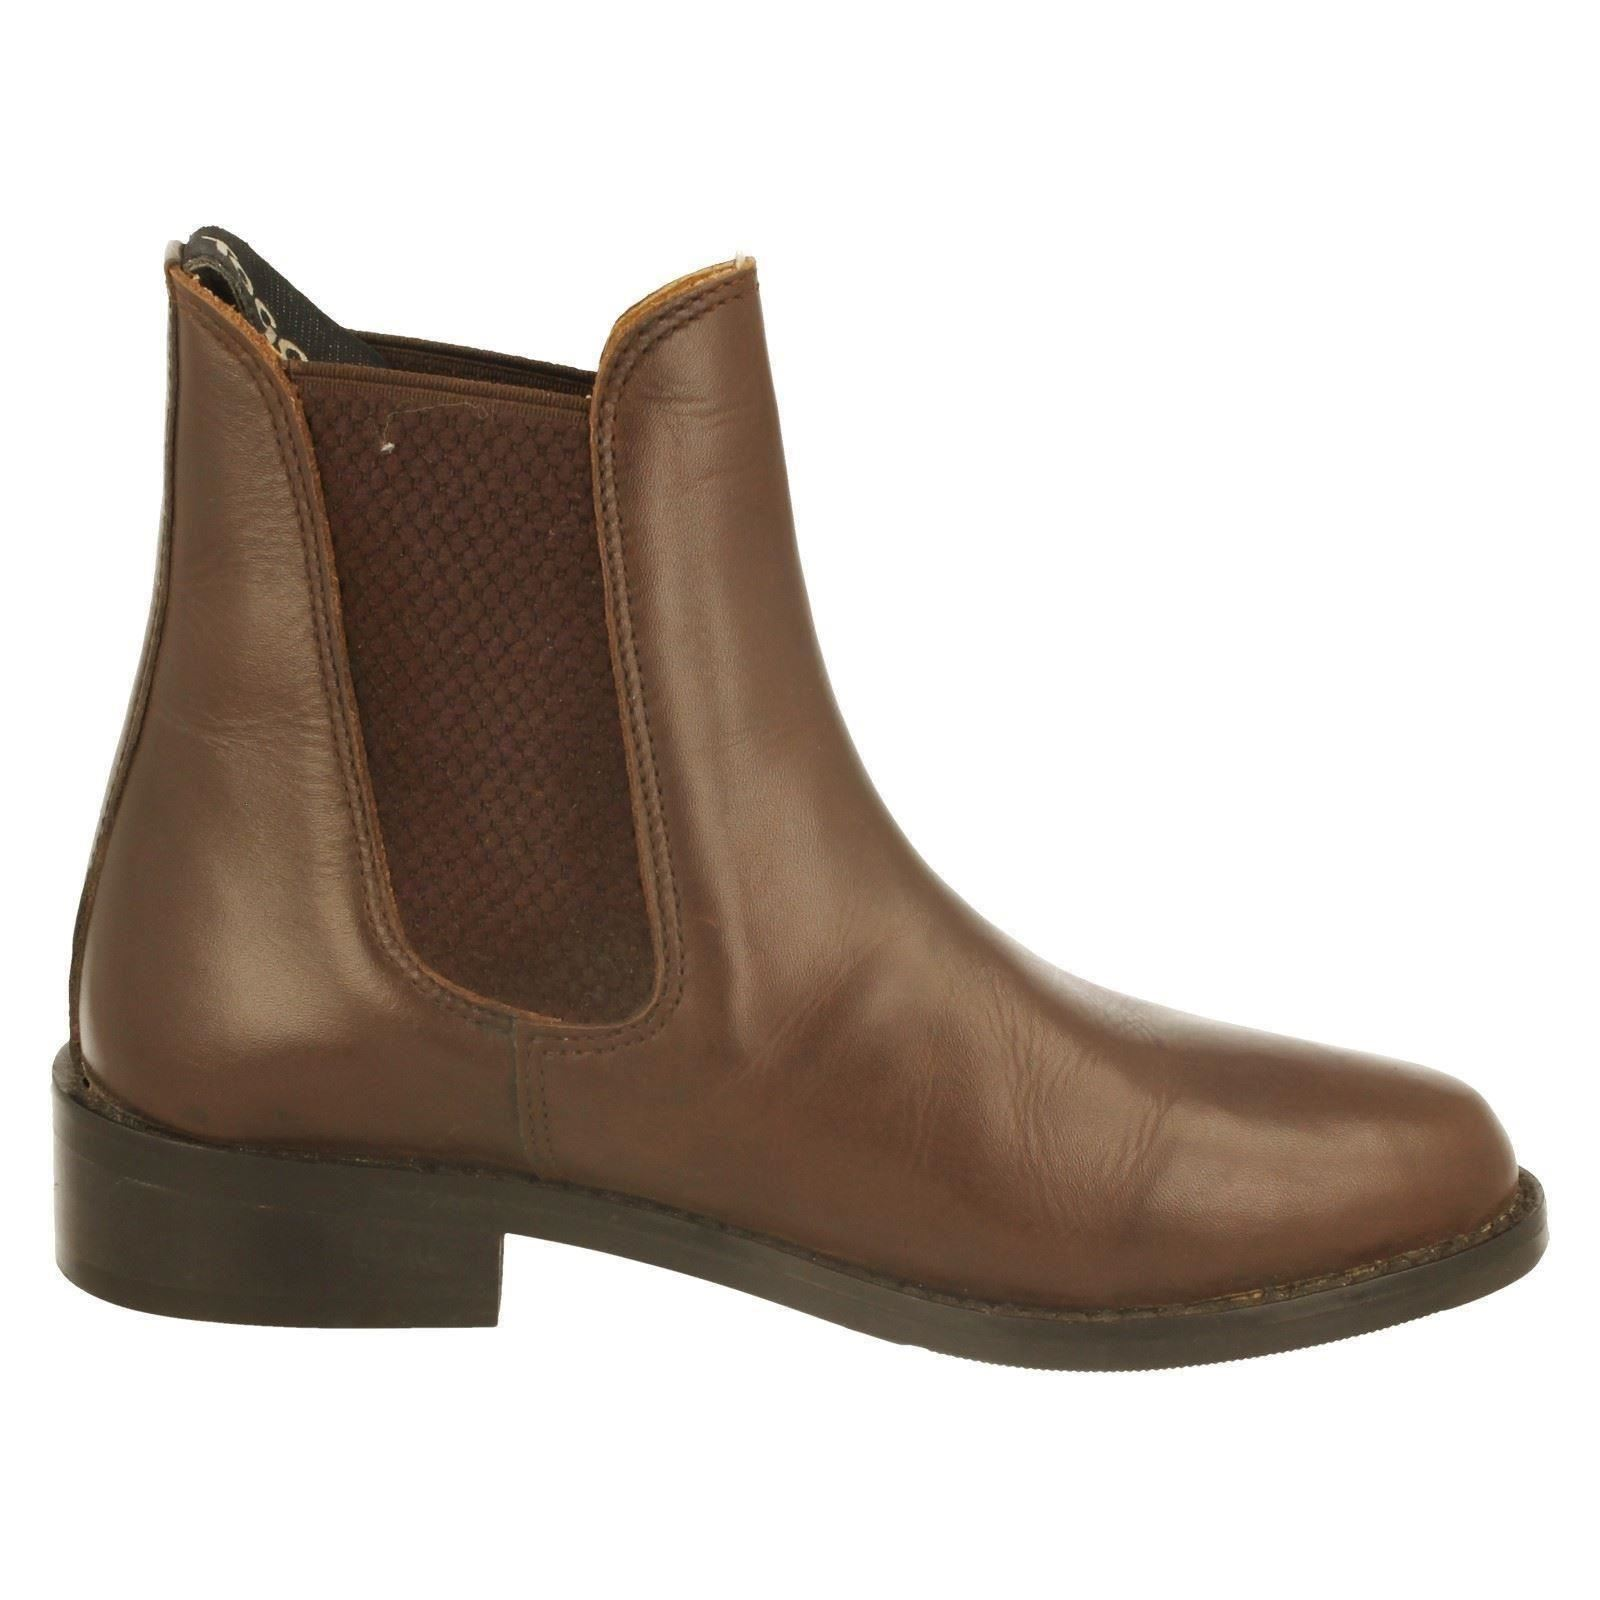 ottowa-w style toggi jodhpur bottes de style ottowa-w unisexe 326e34